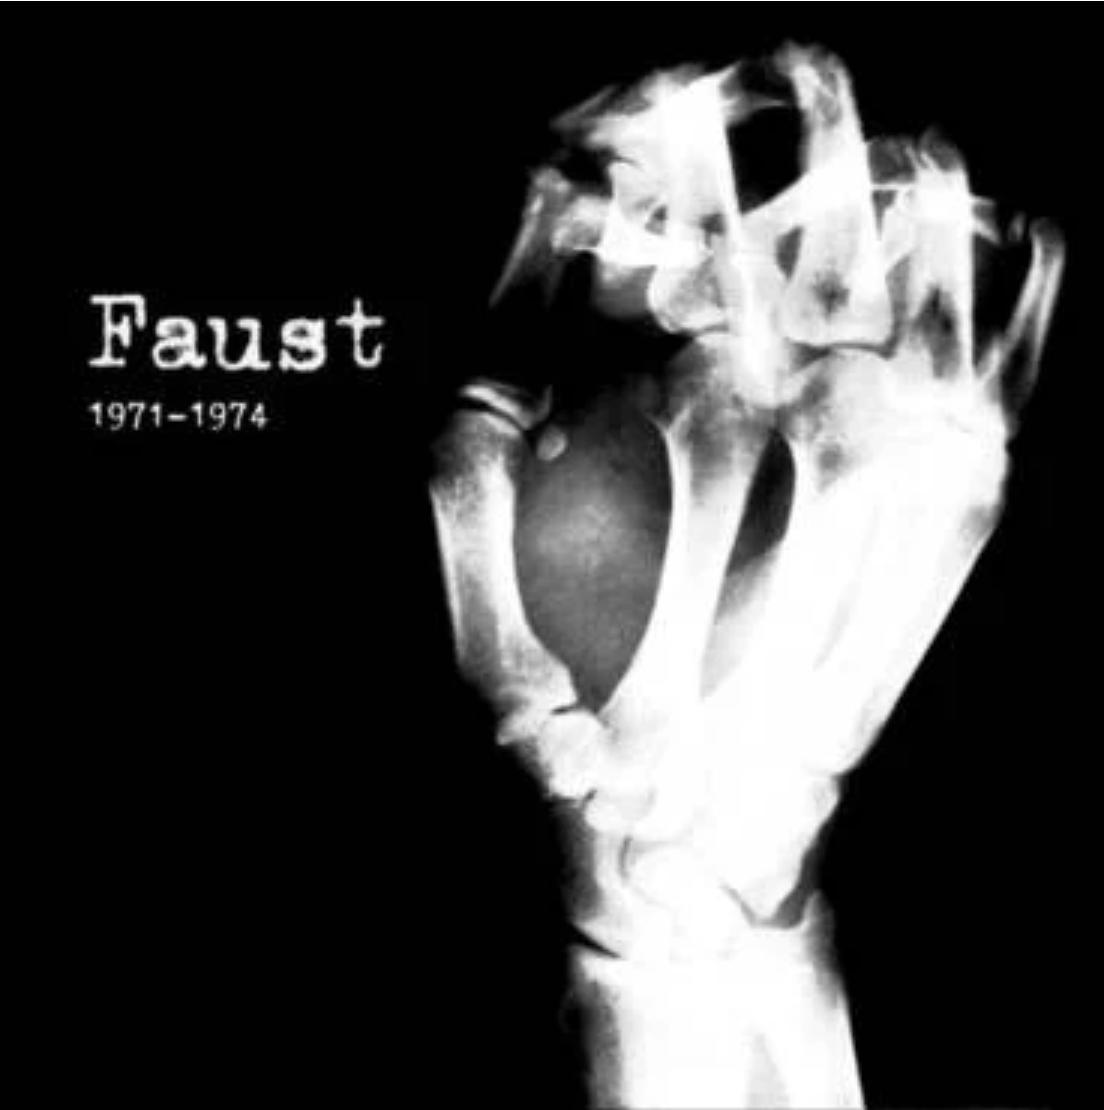 Bureau B Faust - 1971 - 1974 (7LP Boxset)